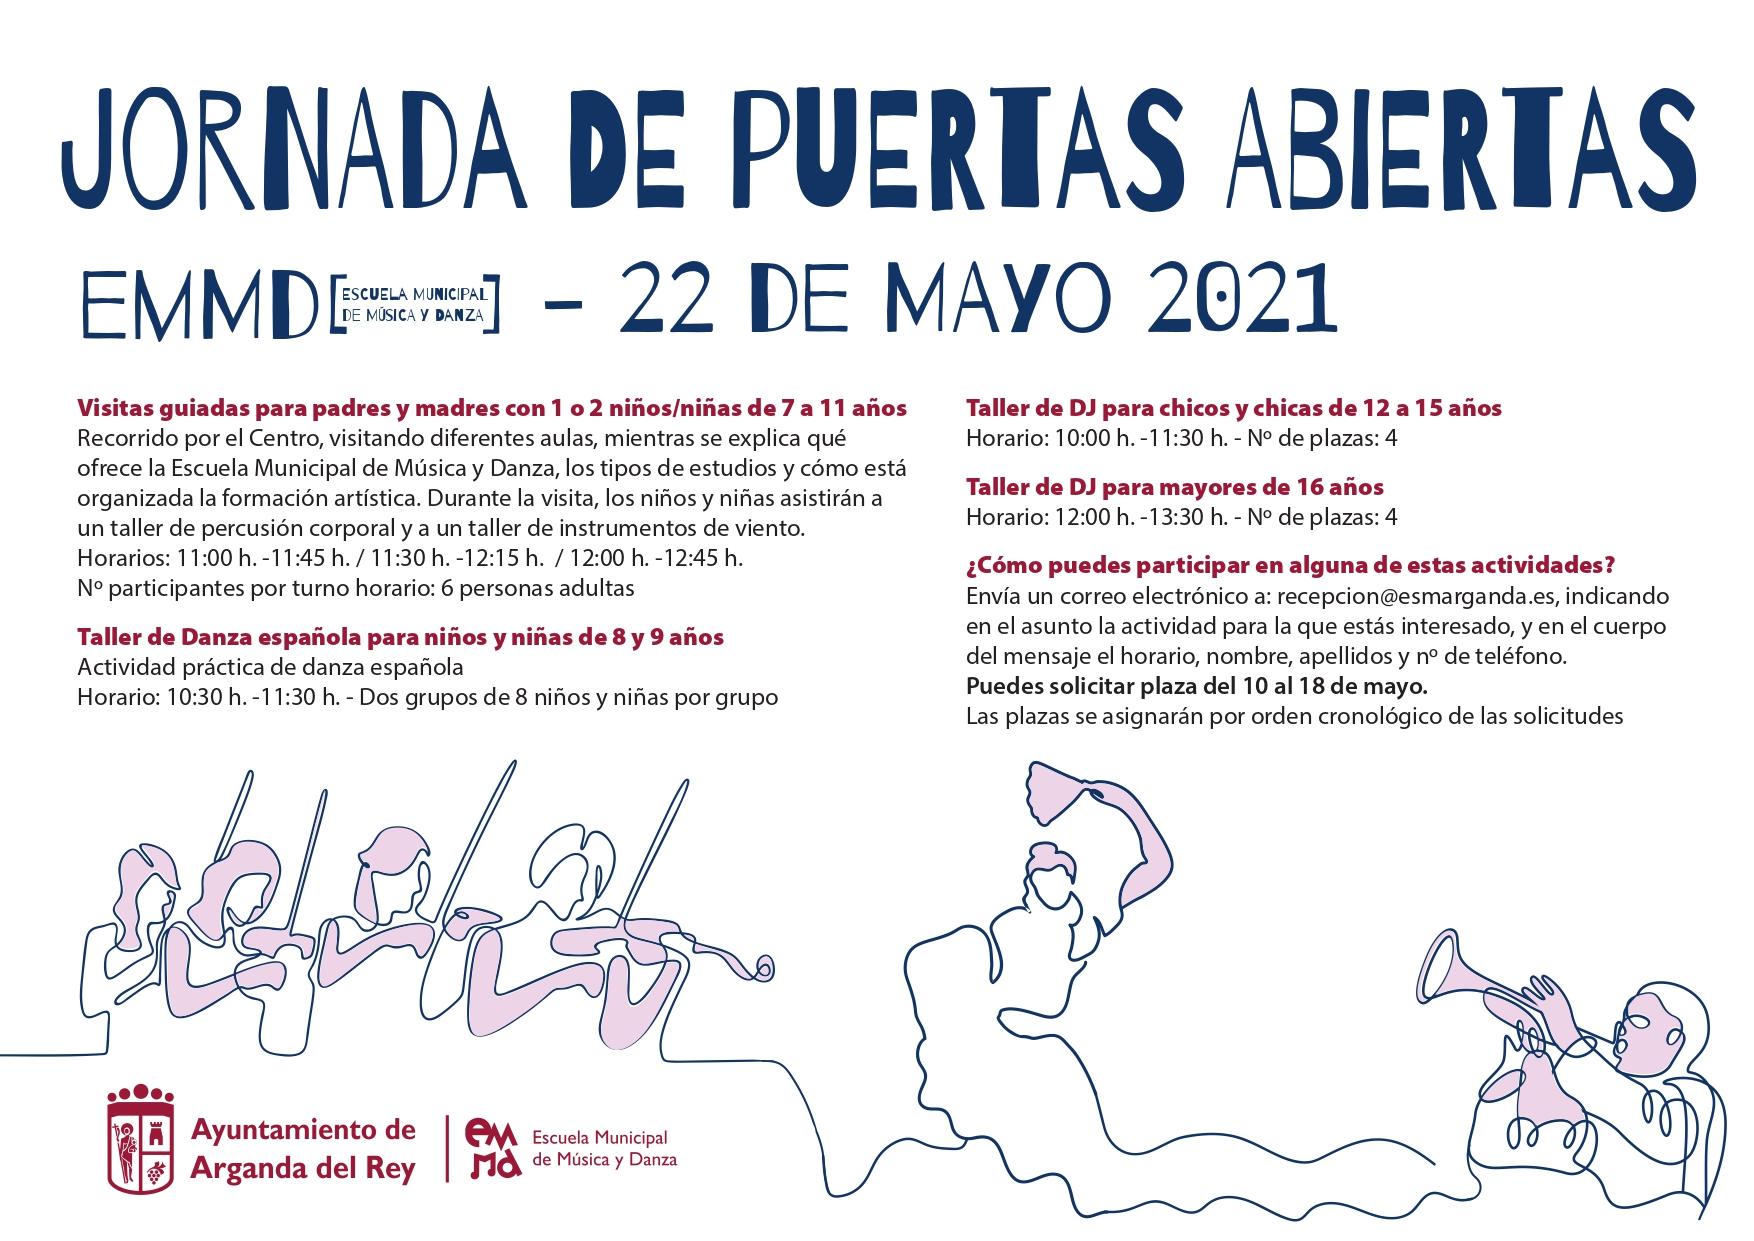 La Escuela Municipal de Música y Danza celebrará una Jornada de Puertas Abiertas el 22 de mayo